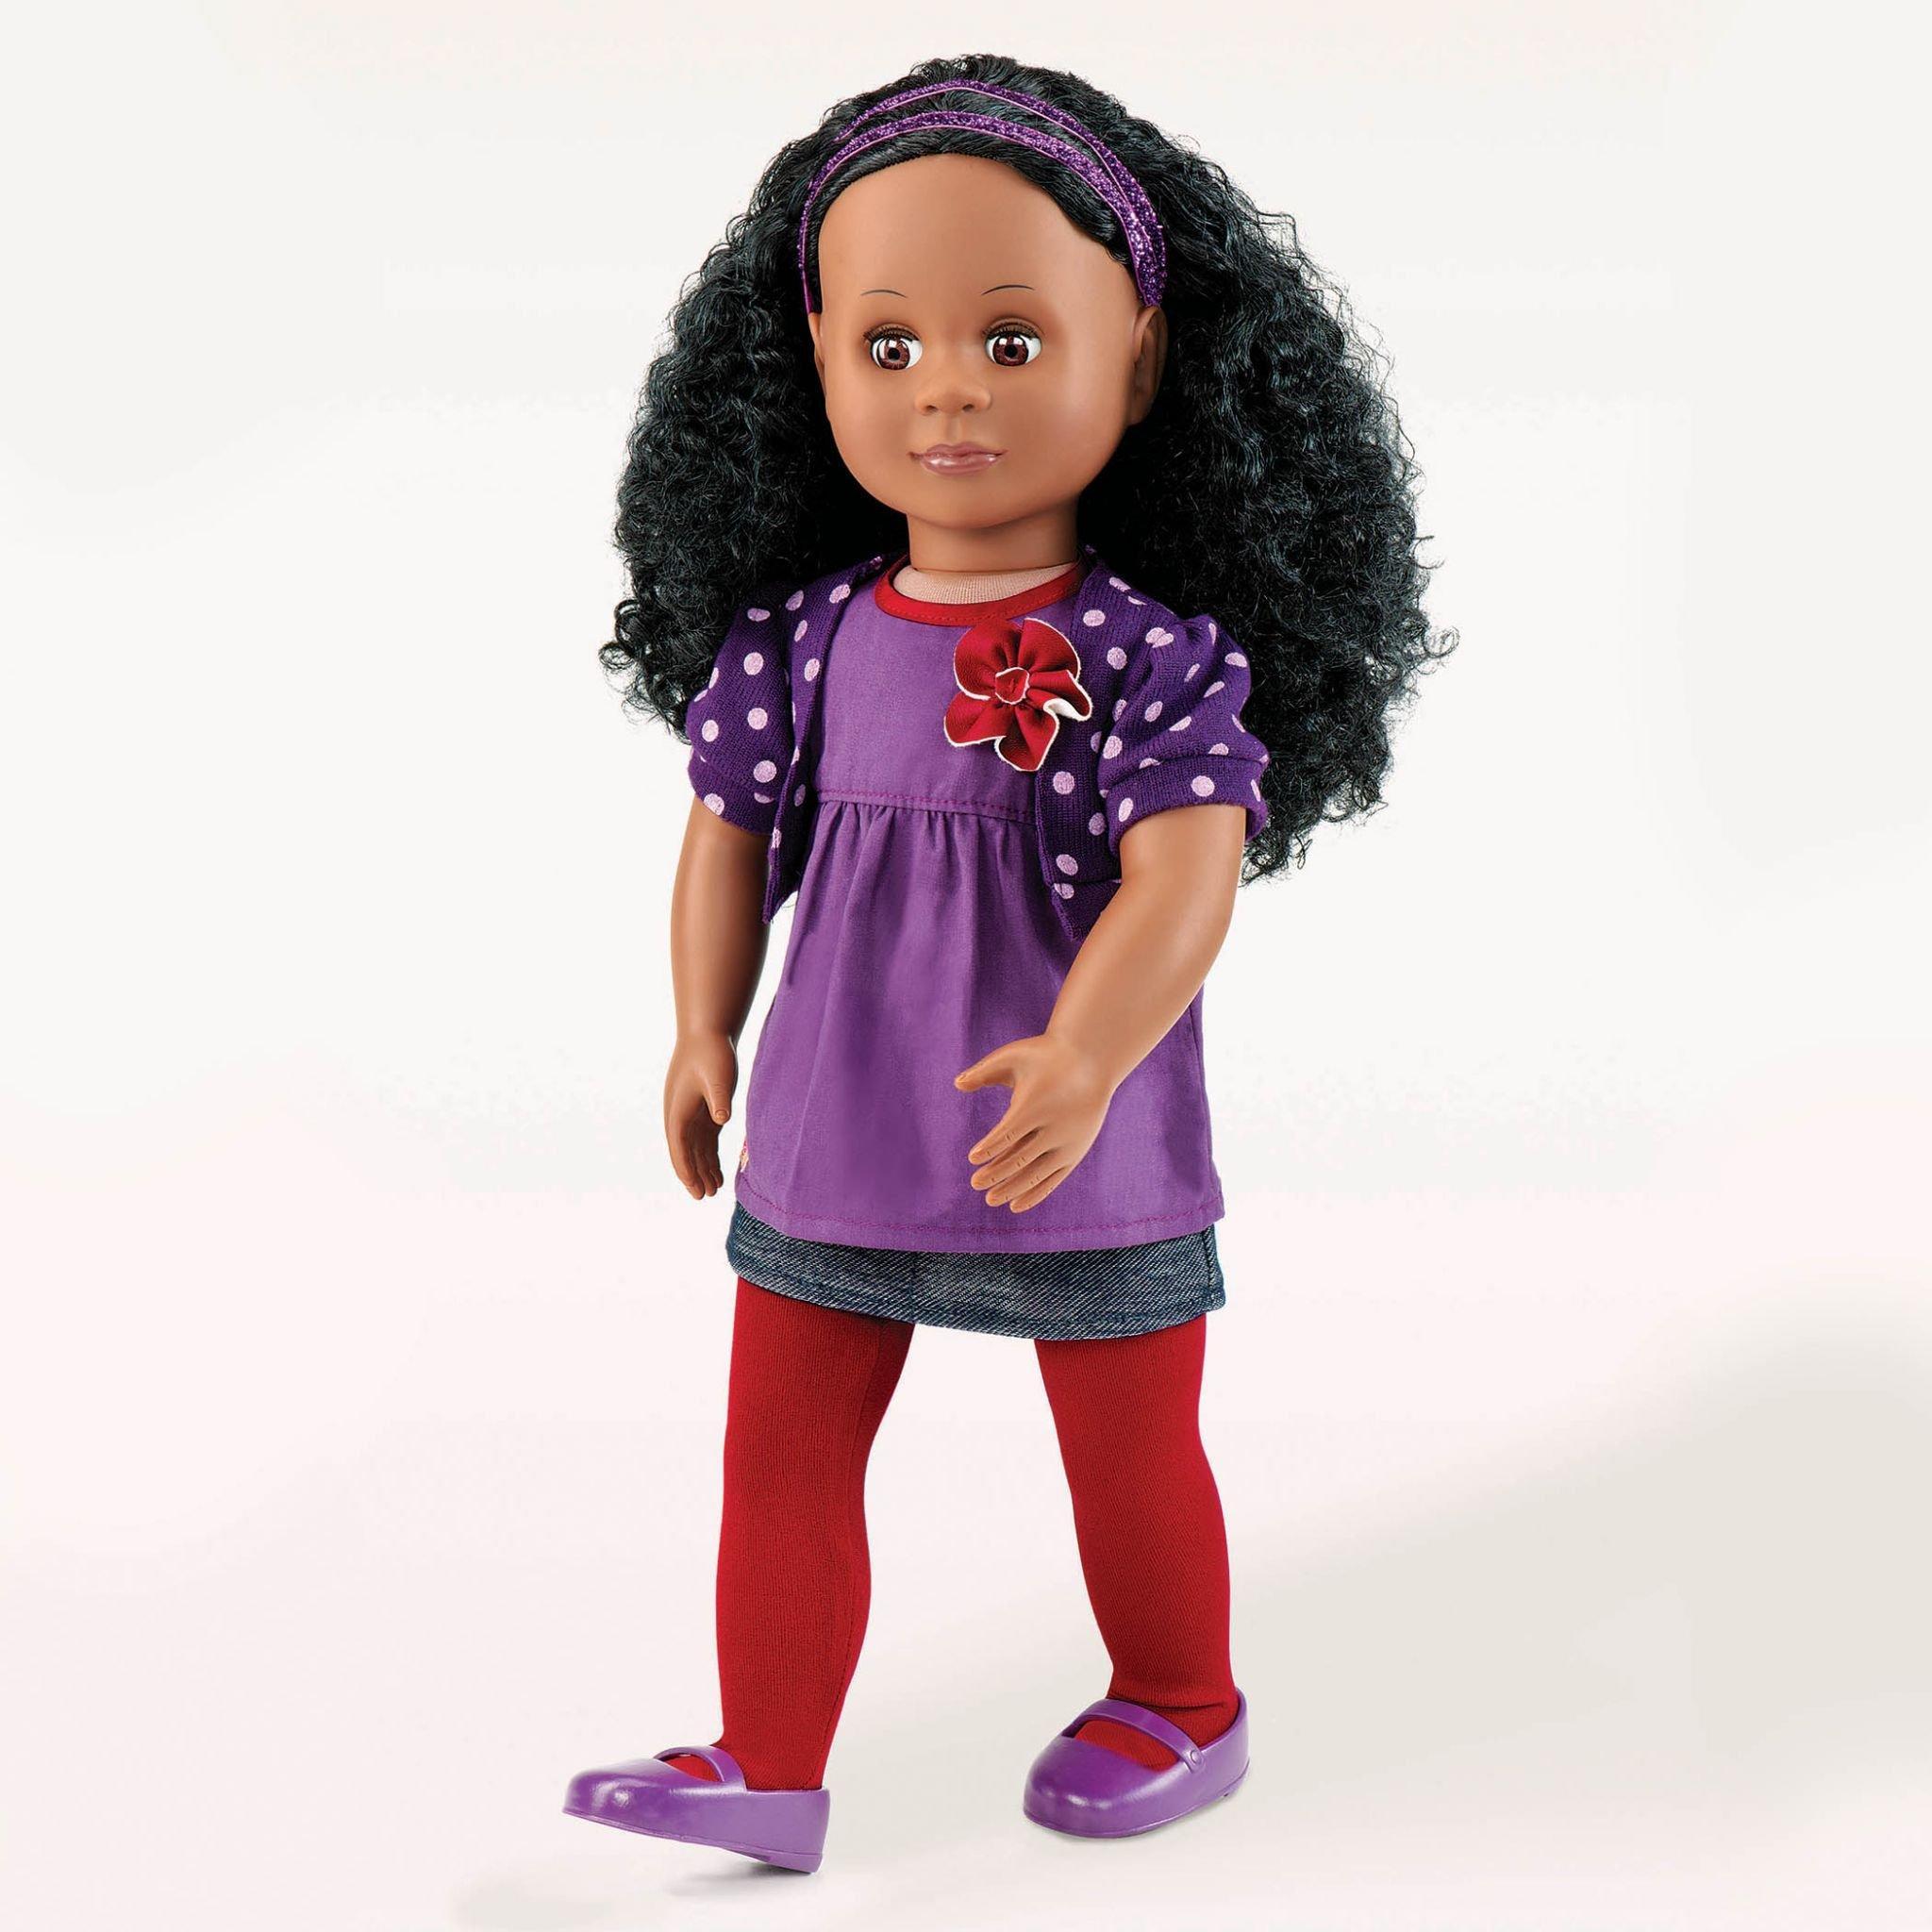 Our Generation Dolls Abrianna Black Doll